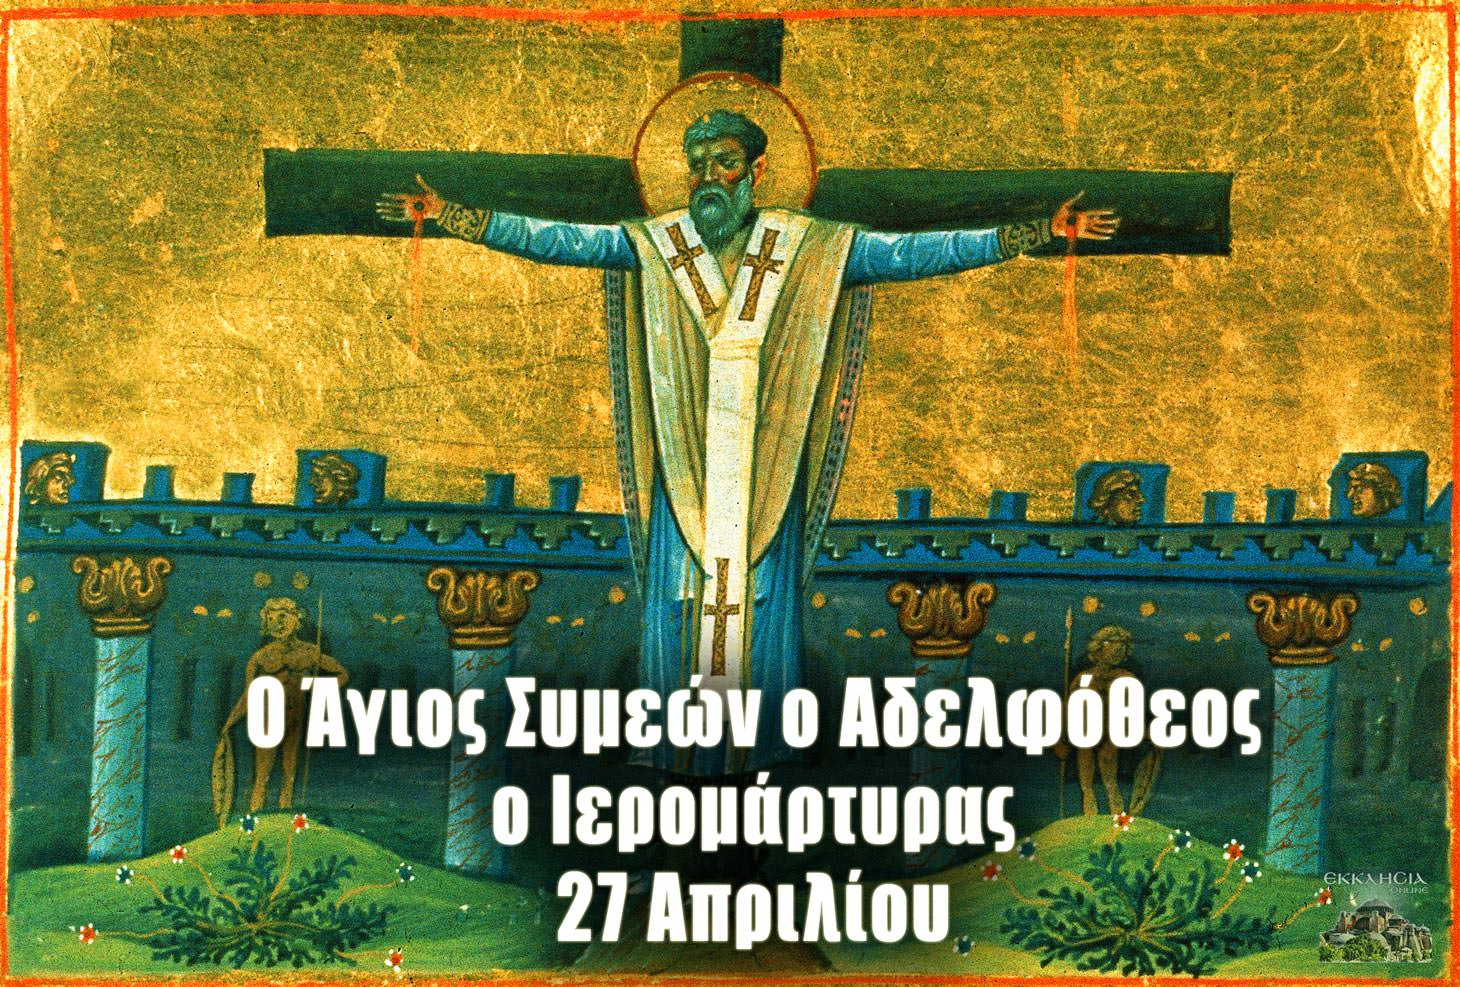 Άγιος Συμεών Αδελφόθεος 27 Απριλίου